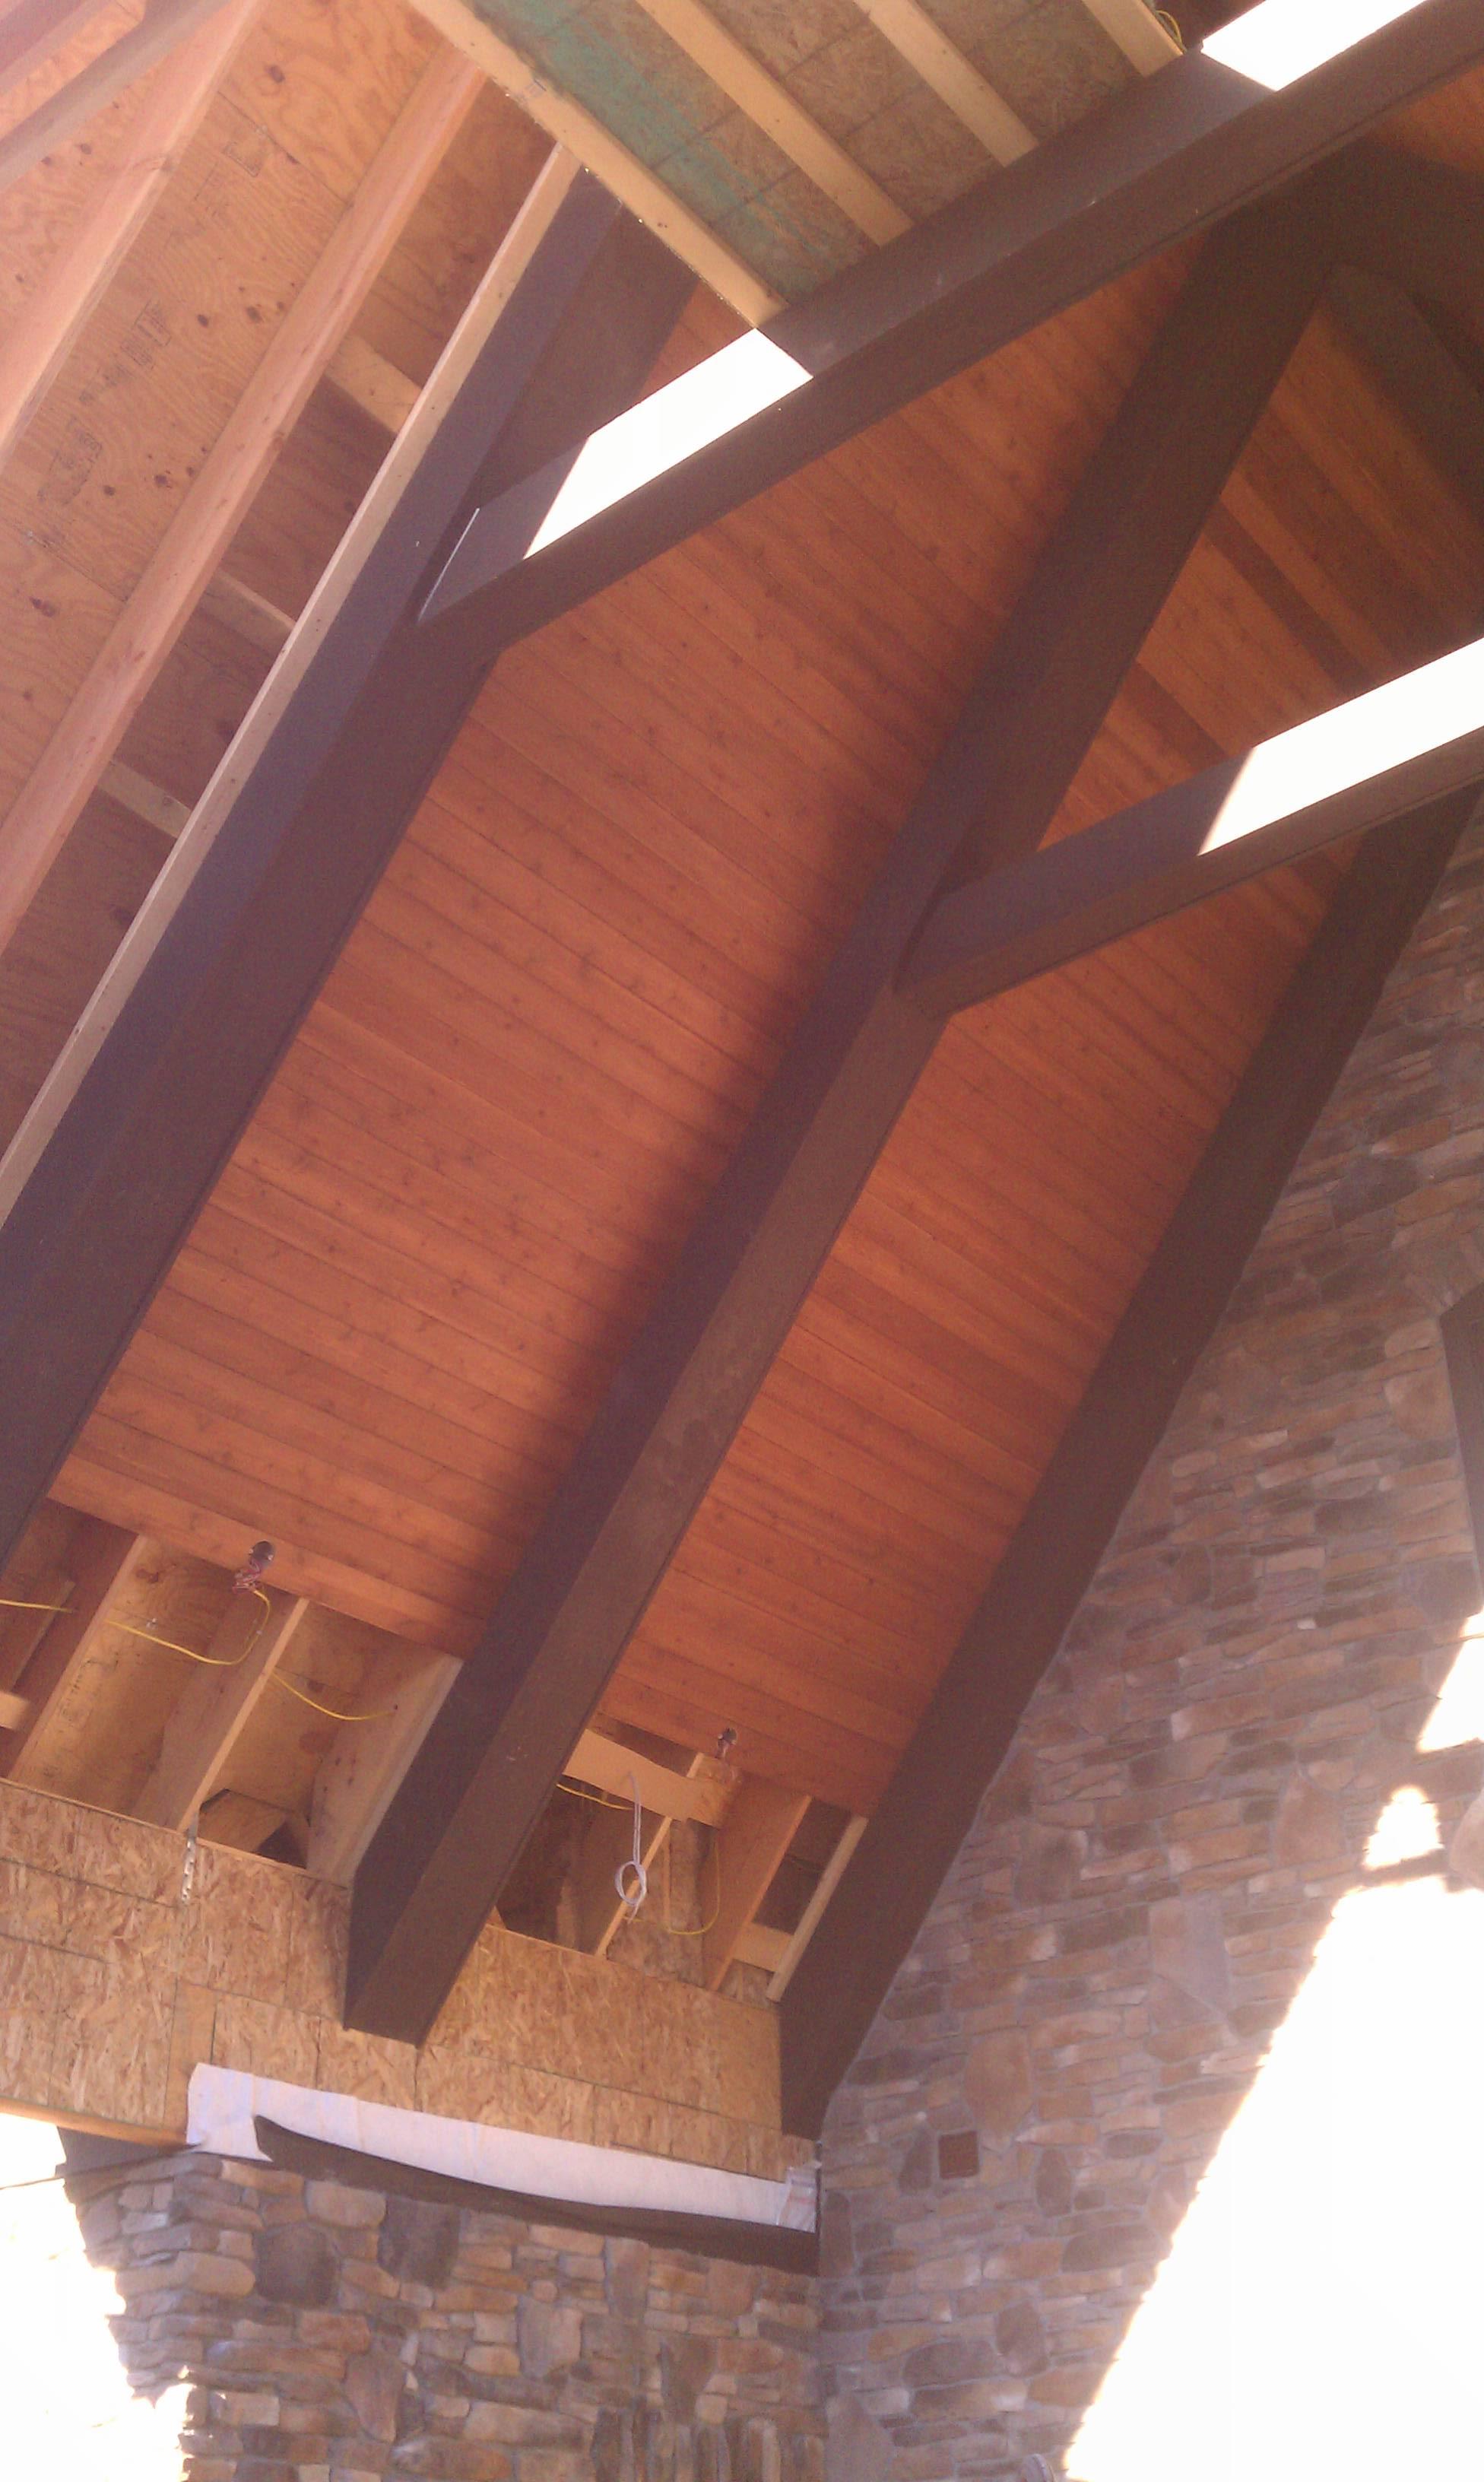 Wishful-spears-ceiling.jpg